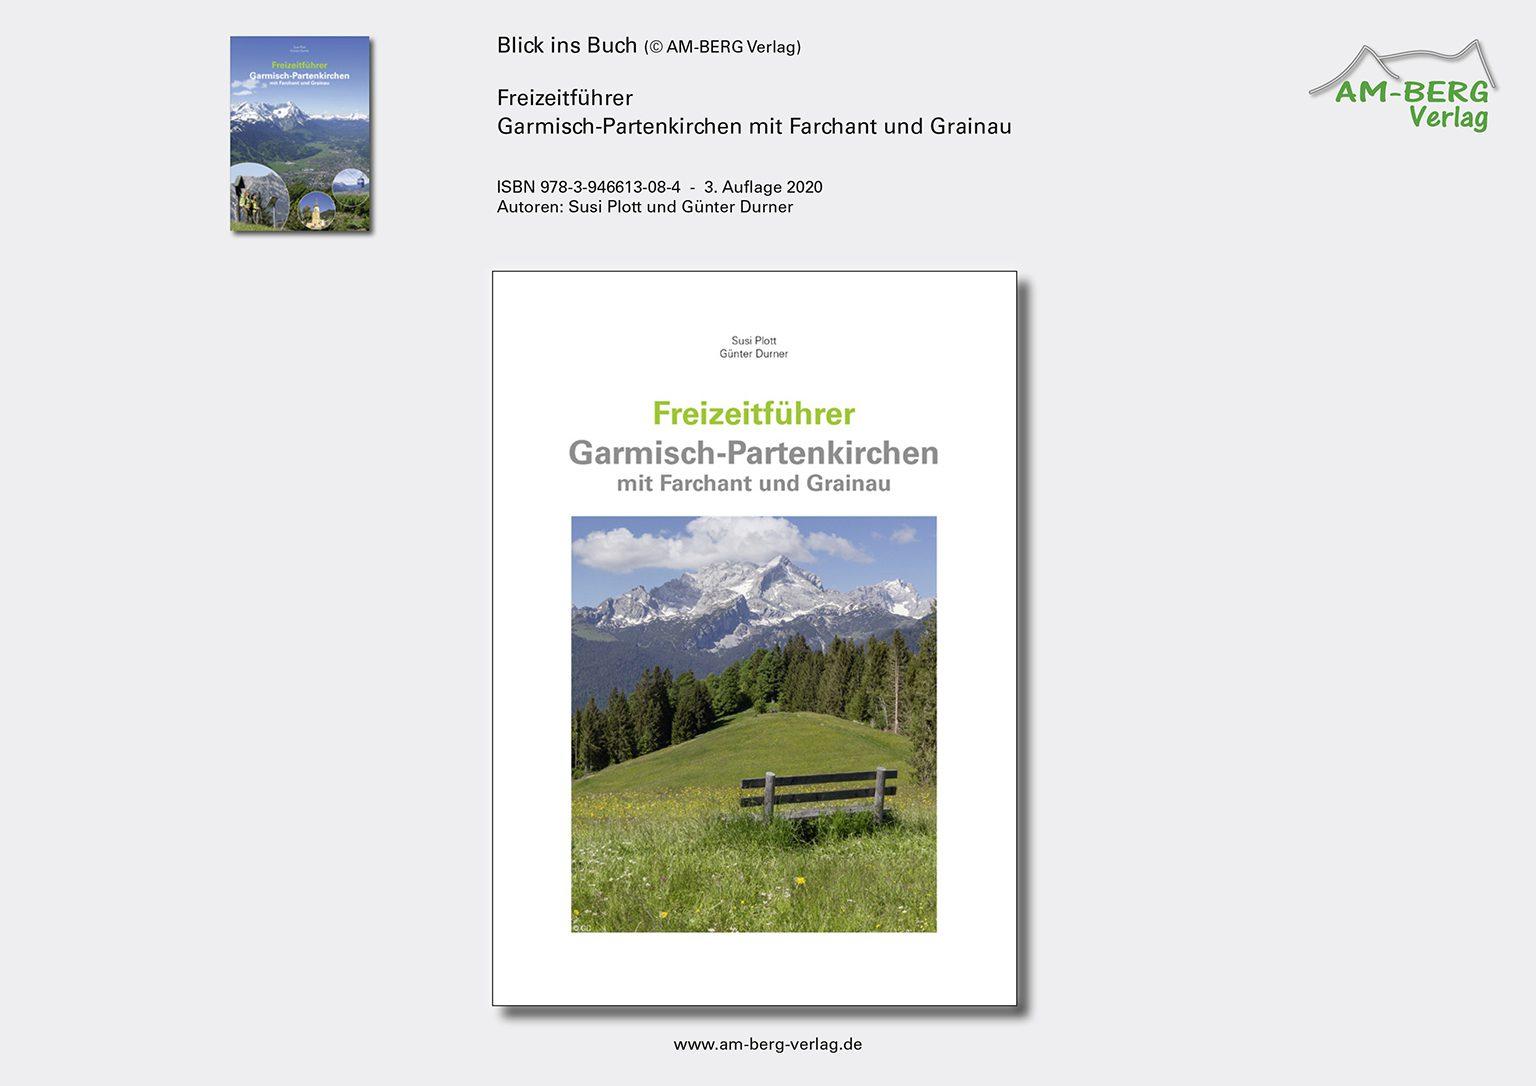 Freizeitführer Garmisch-Partenkirchen mit Farchant und Grainau_BlickinsBuch01